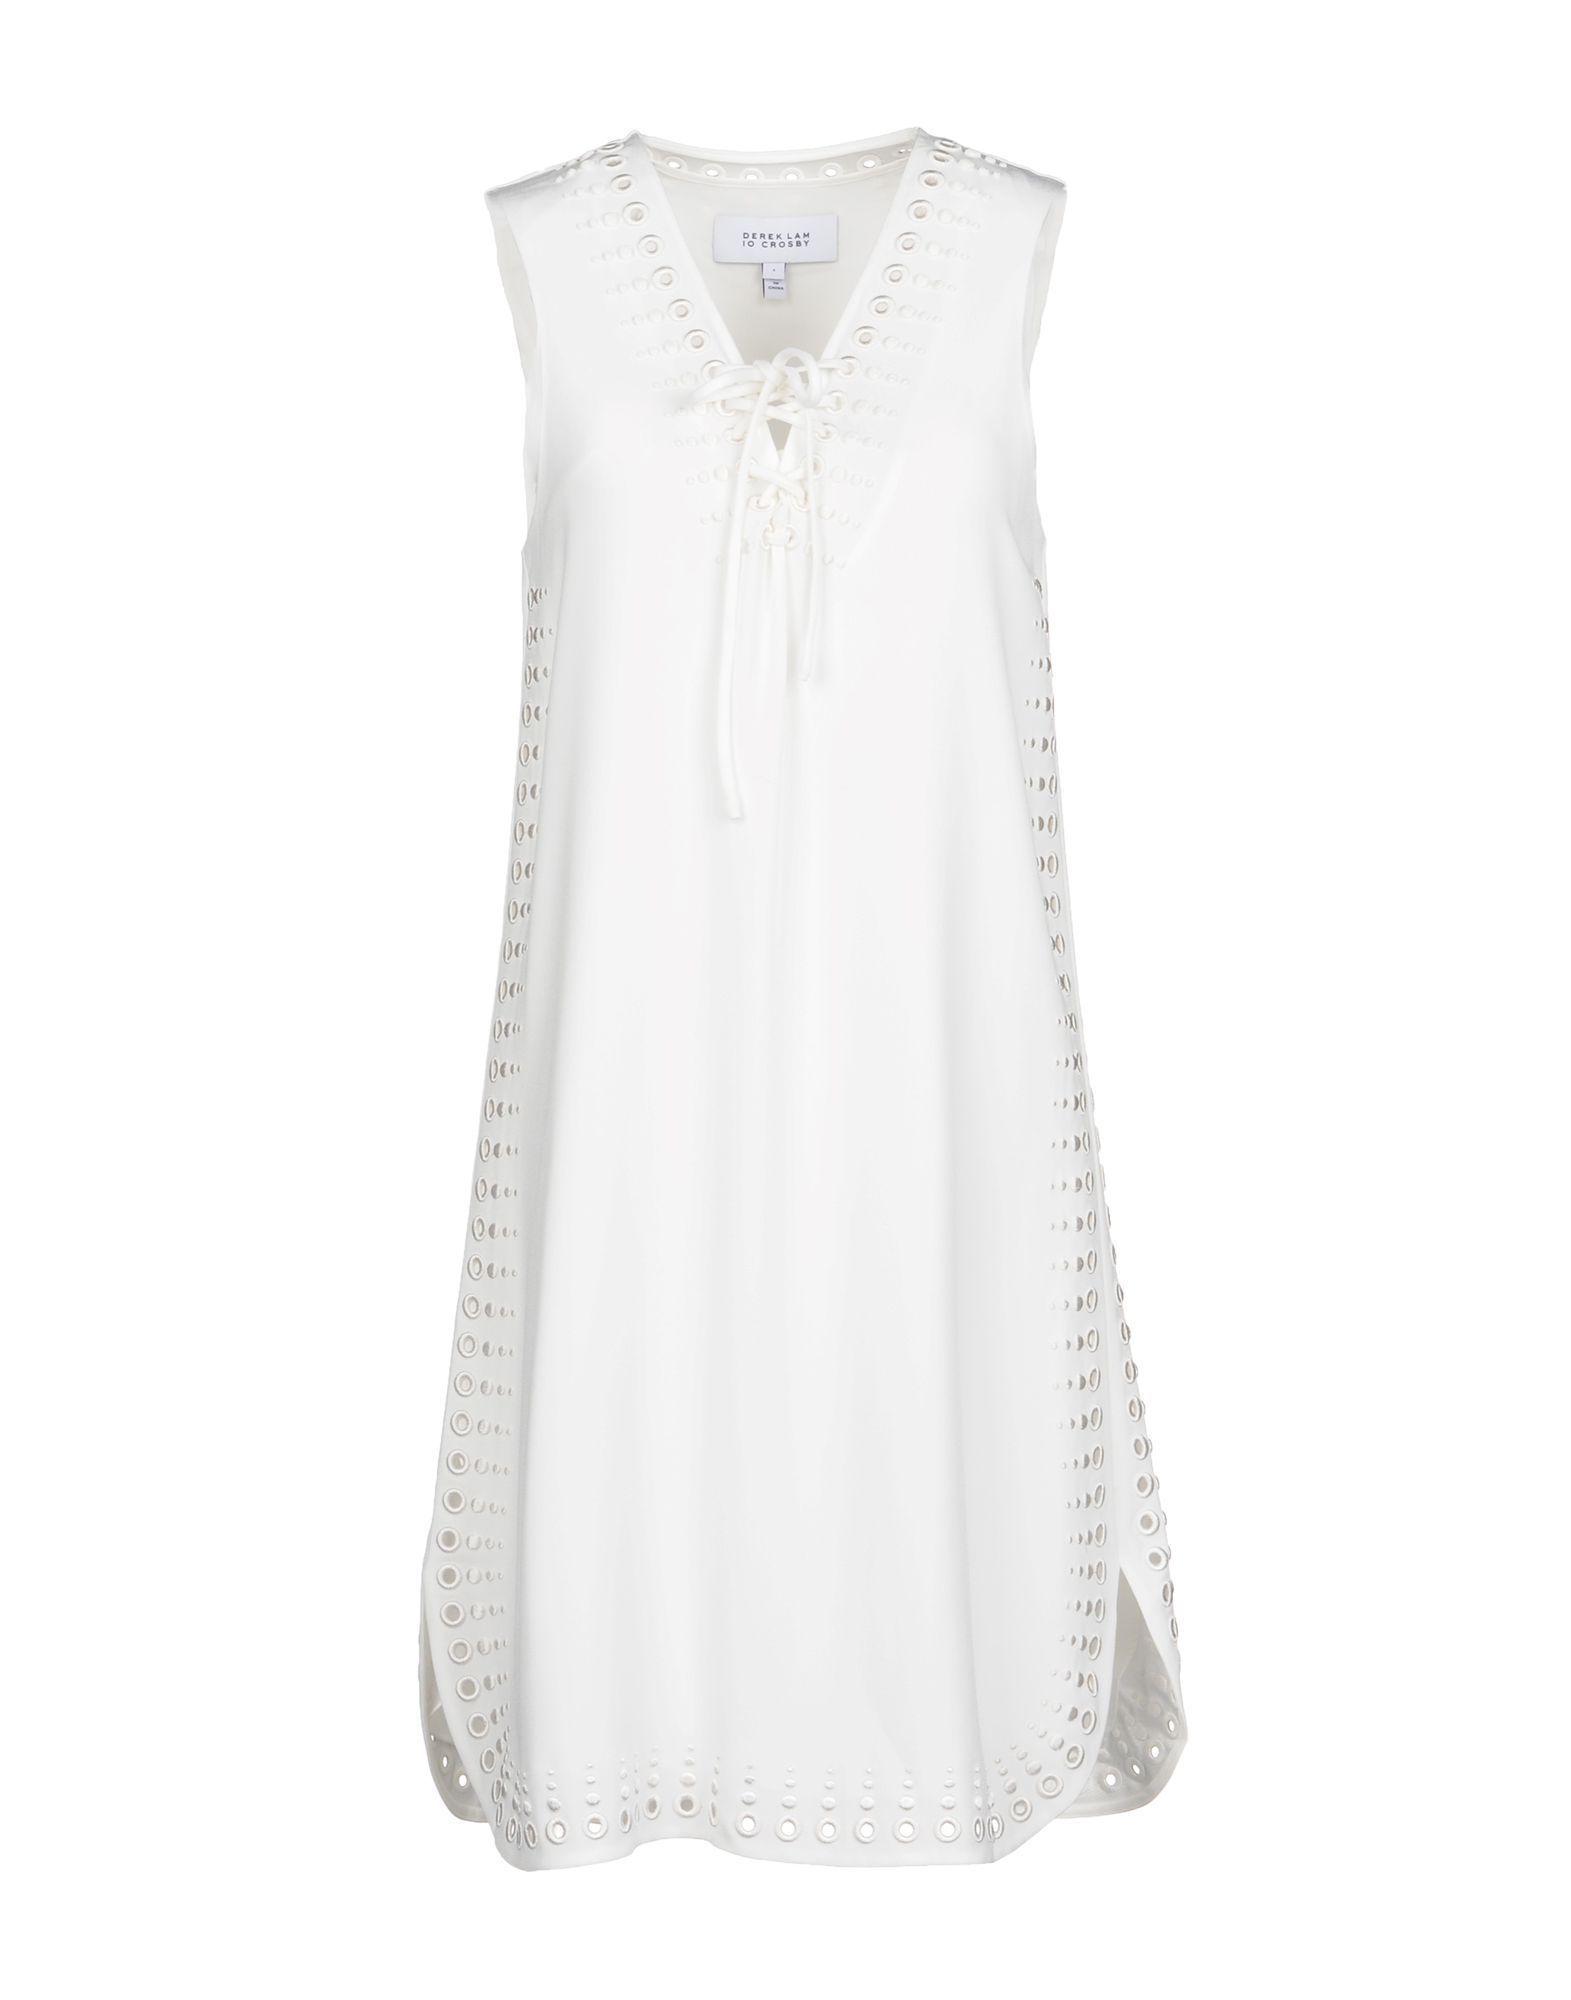 DEREK LAM 10 CROSBY Damen kurzes Kleid2 Weiß, #DEREKLAM10CROSBYDamenkurzesKleid2Weiß #kleidalinie #kleidfürhochzeit #kleidrot #kleidschwarz #kleidweiß #kleider #kleiderkreisel #kleidermotten #kleiderschrankweiß #kleidung #VERKAUF #Yoox #weißekleiderkurz DEREK LAM 10 CROSBY Damen kurzes Kleid2 Weiß, #DEREKLAM10CROSBYDamenkurzesKleid2Weiß #kleidalinie #kleidfürhochzeit #kleidrot #kleidschwarz #kleidweiß #kleider #kleiderkreisel #kleidermotten #kleiderschrankweiß #kleidung #VERKAUF #Yoox #weißekleiderkurz